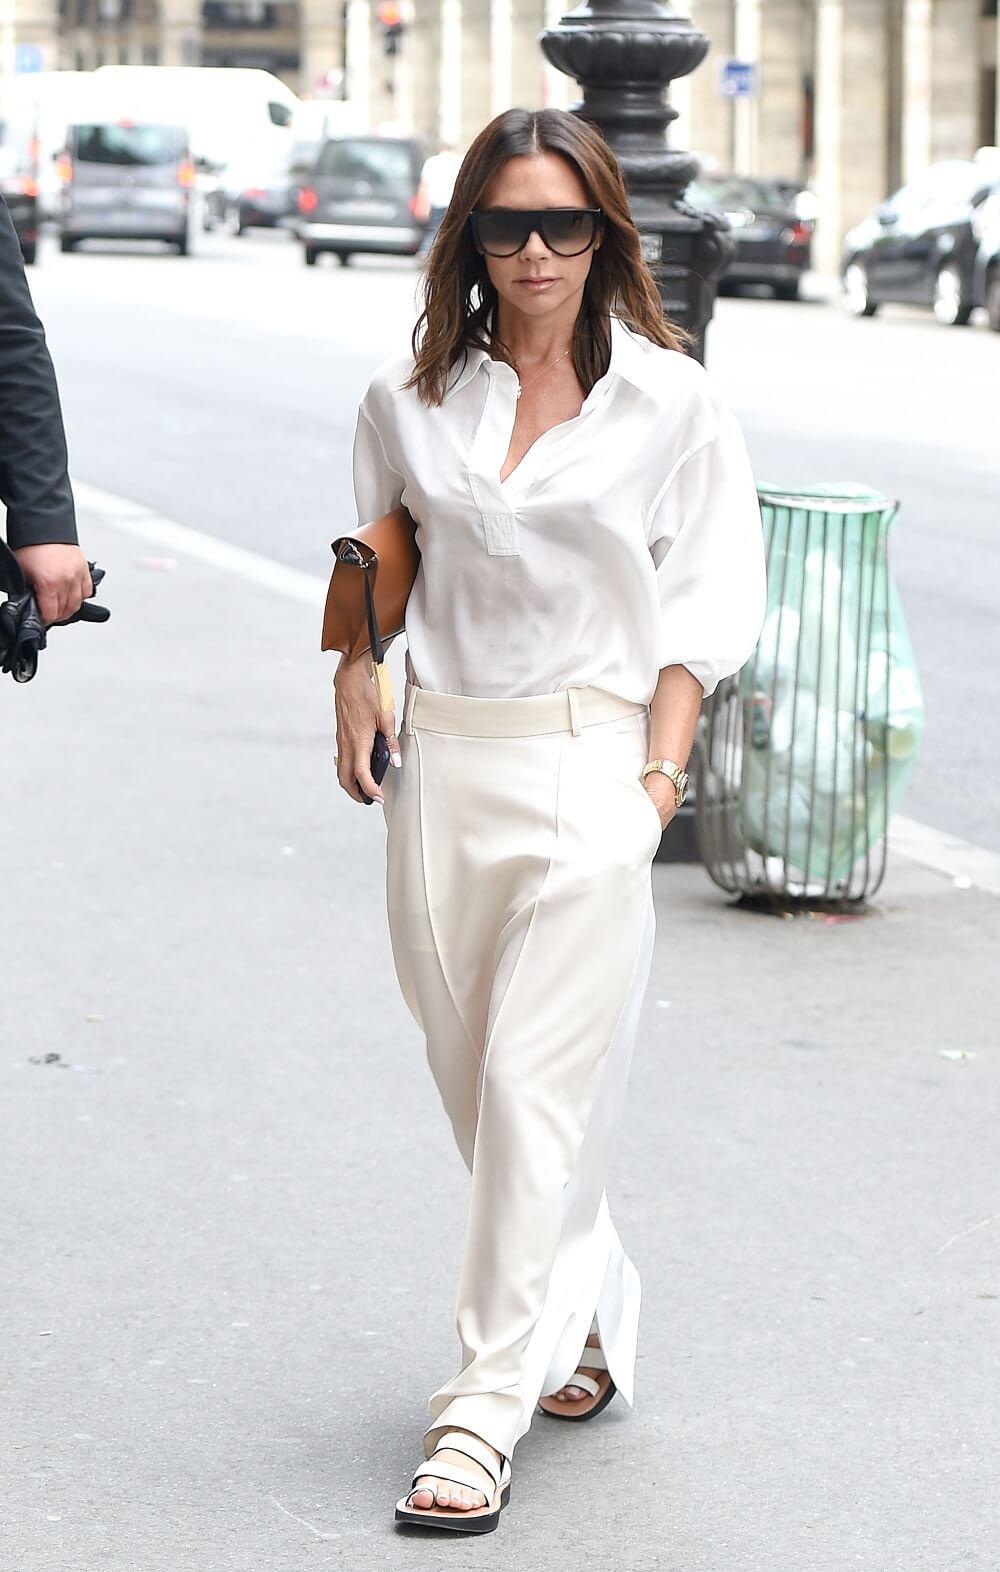 ヴィクトリア・ベッカムの私服ファッション写真(オールホワイトのセットアップ)